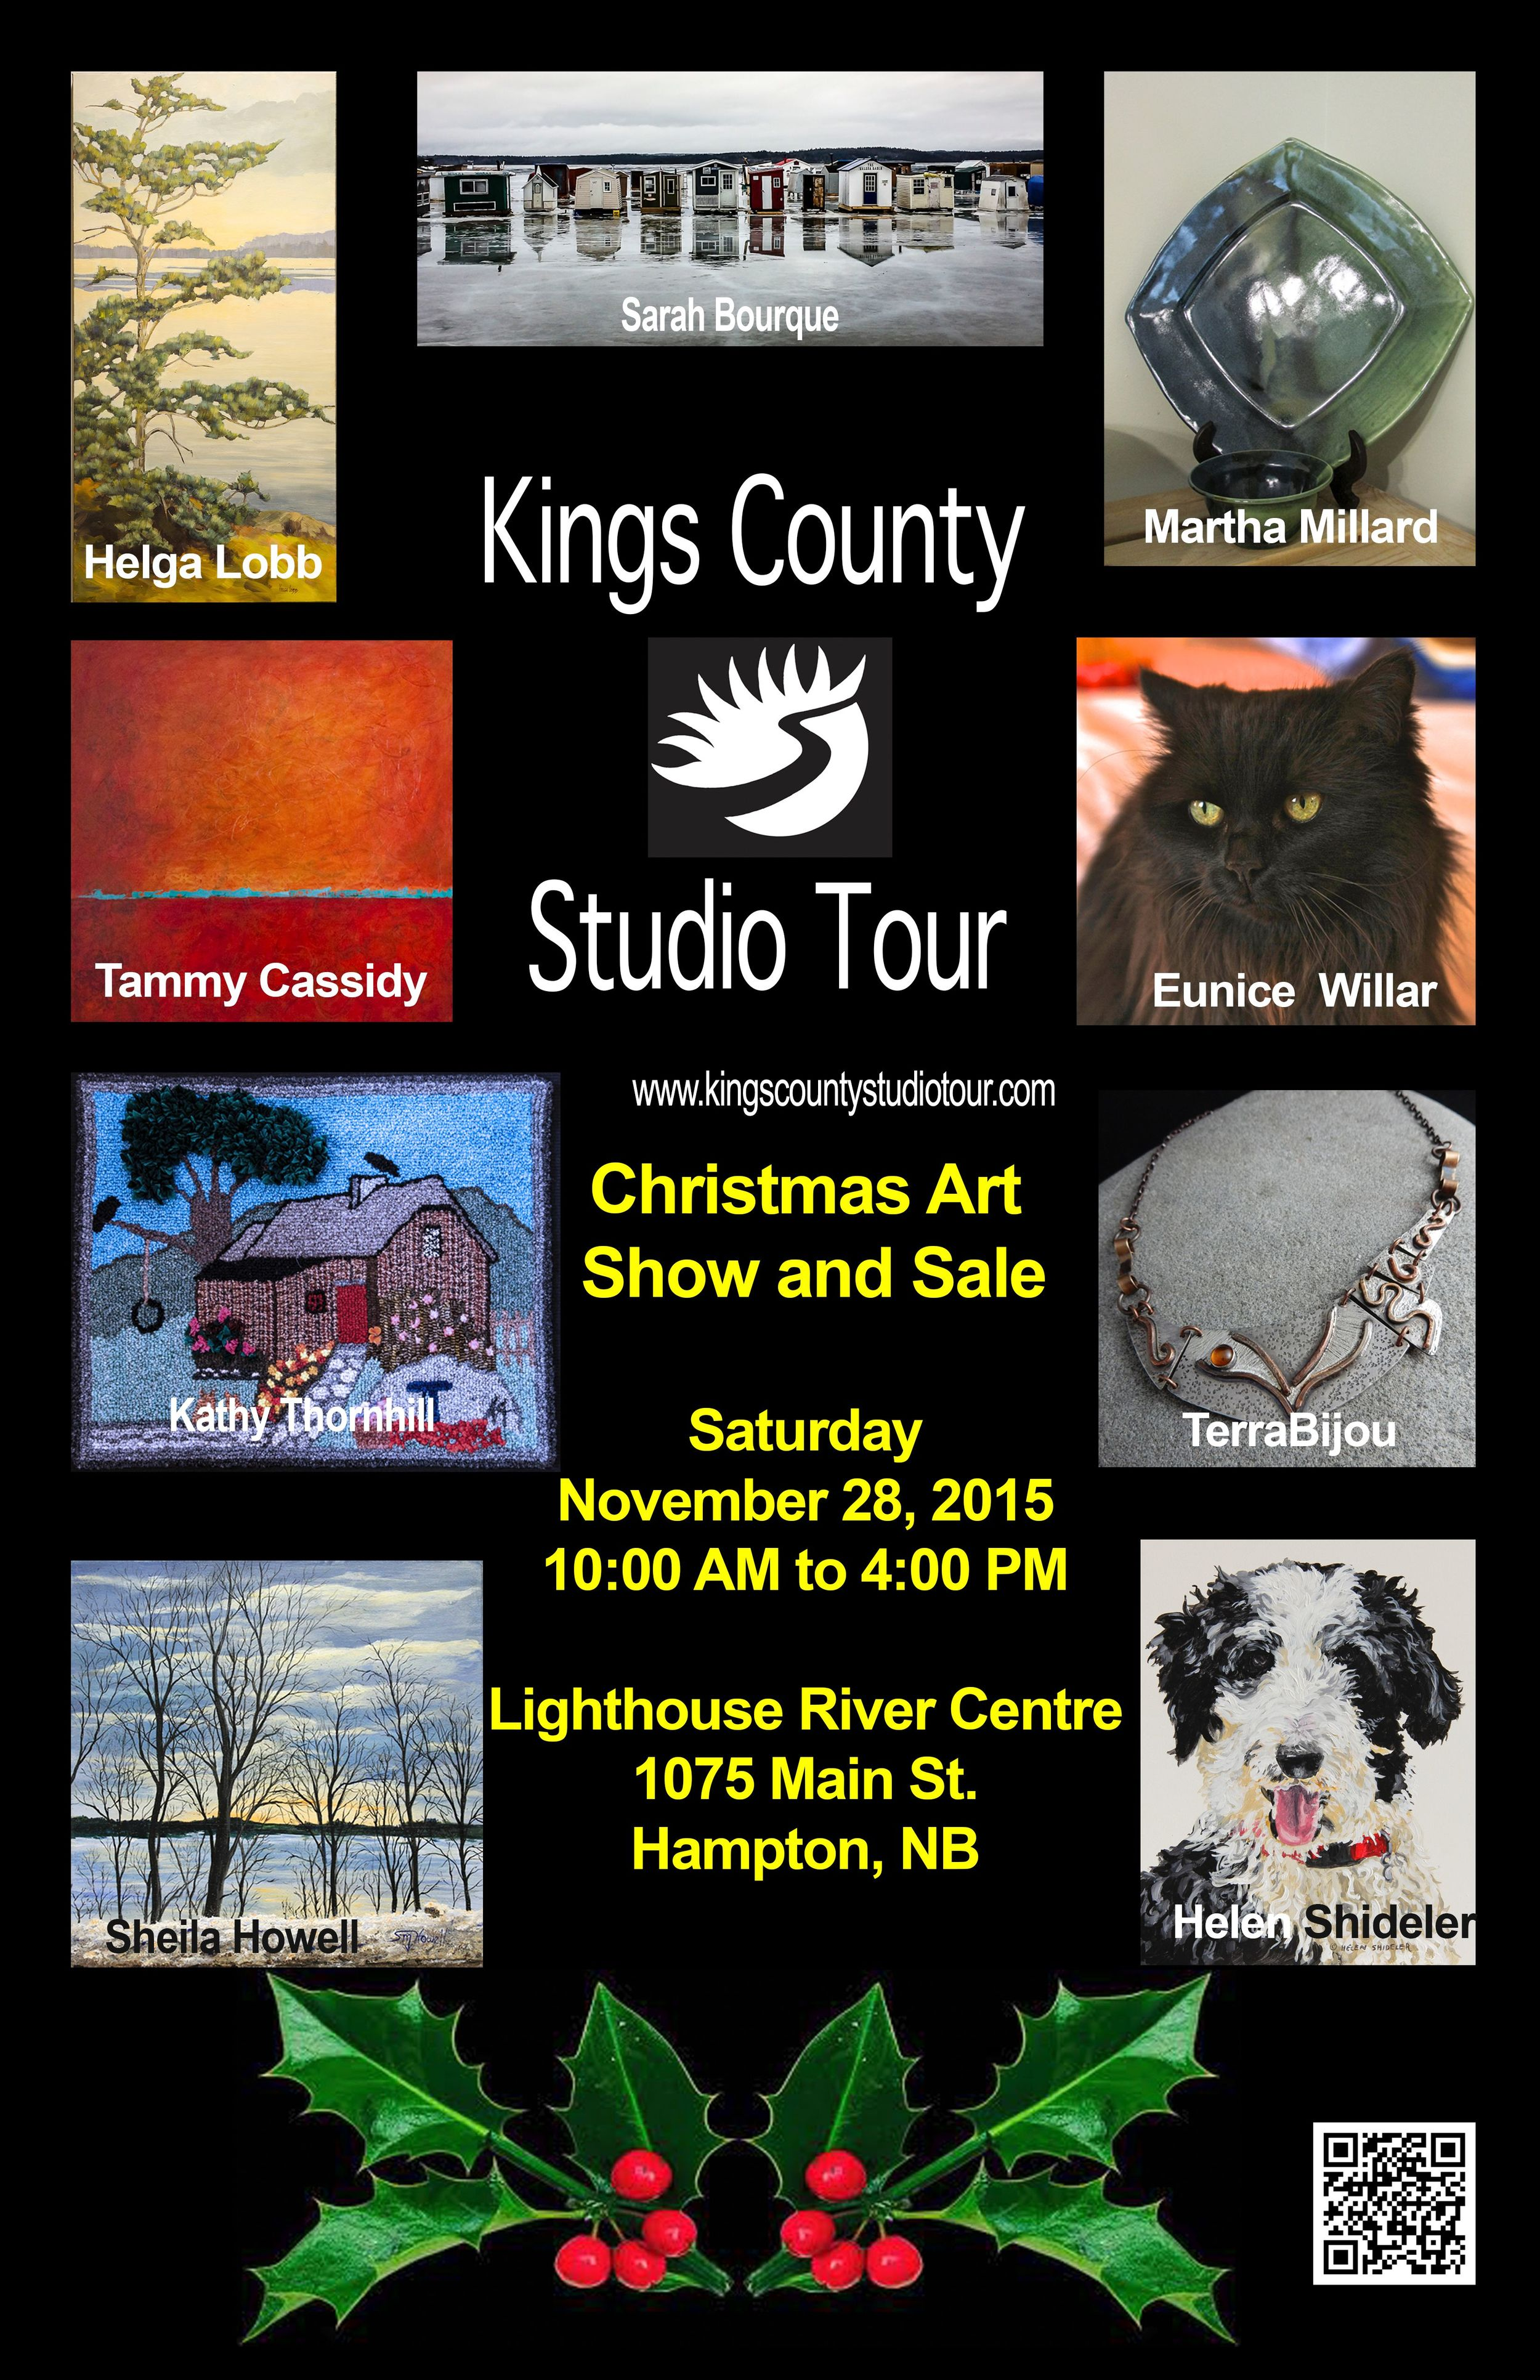 Kings County Studio Tour Christmas Art Show and Sale